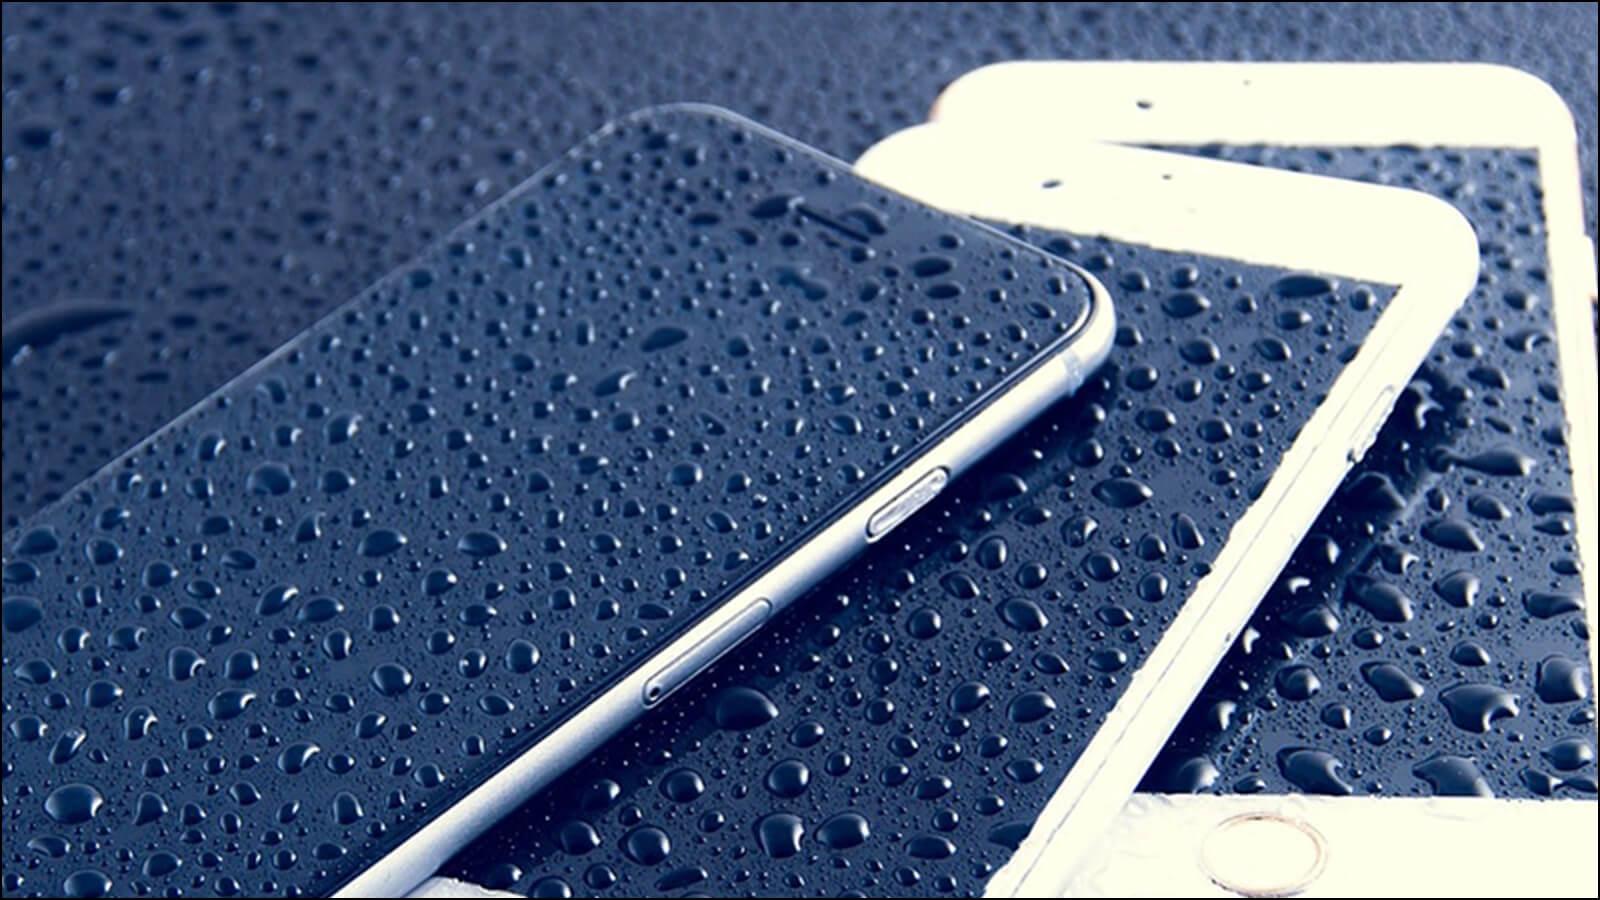 iPhone水没時の対処法|あわてずに、まずは電源をオフにしましょう